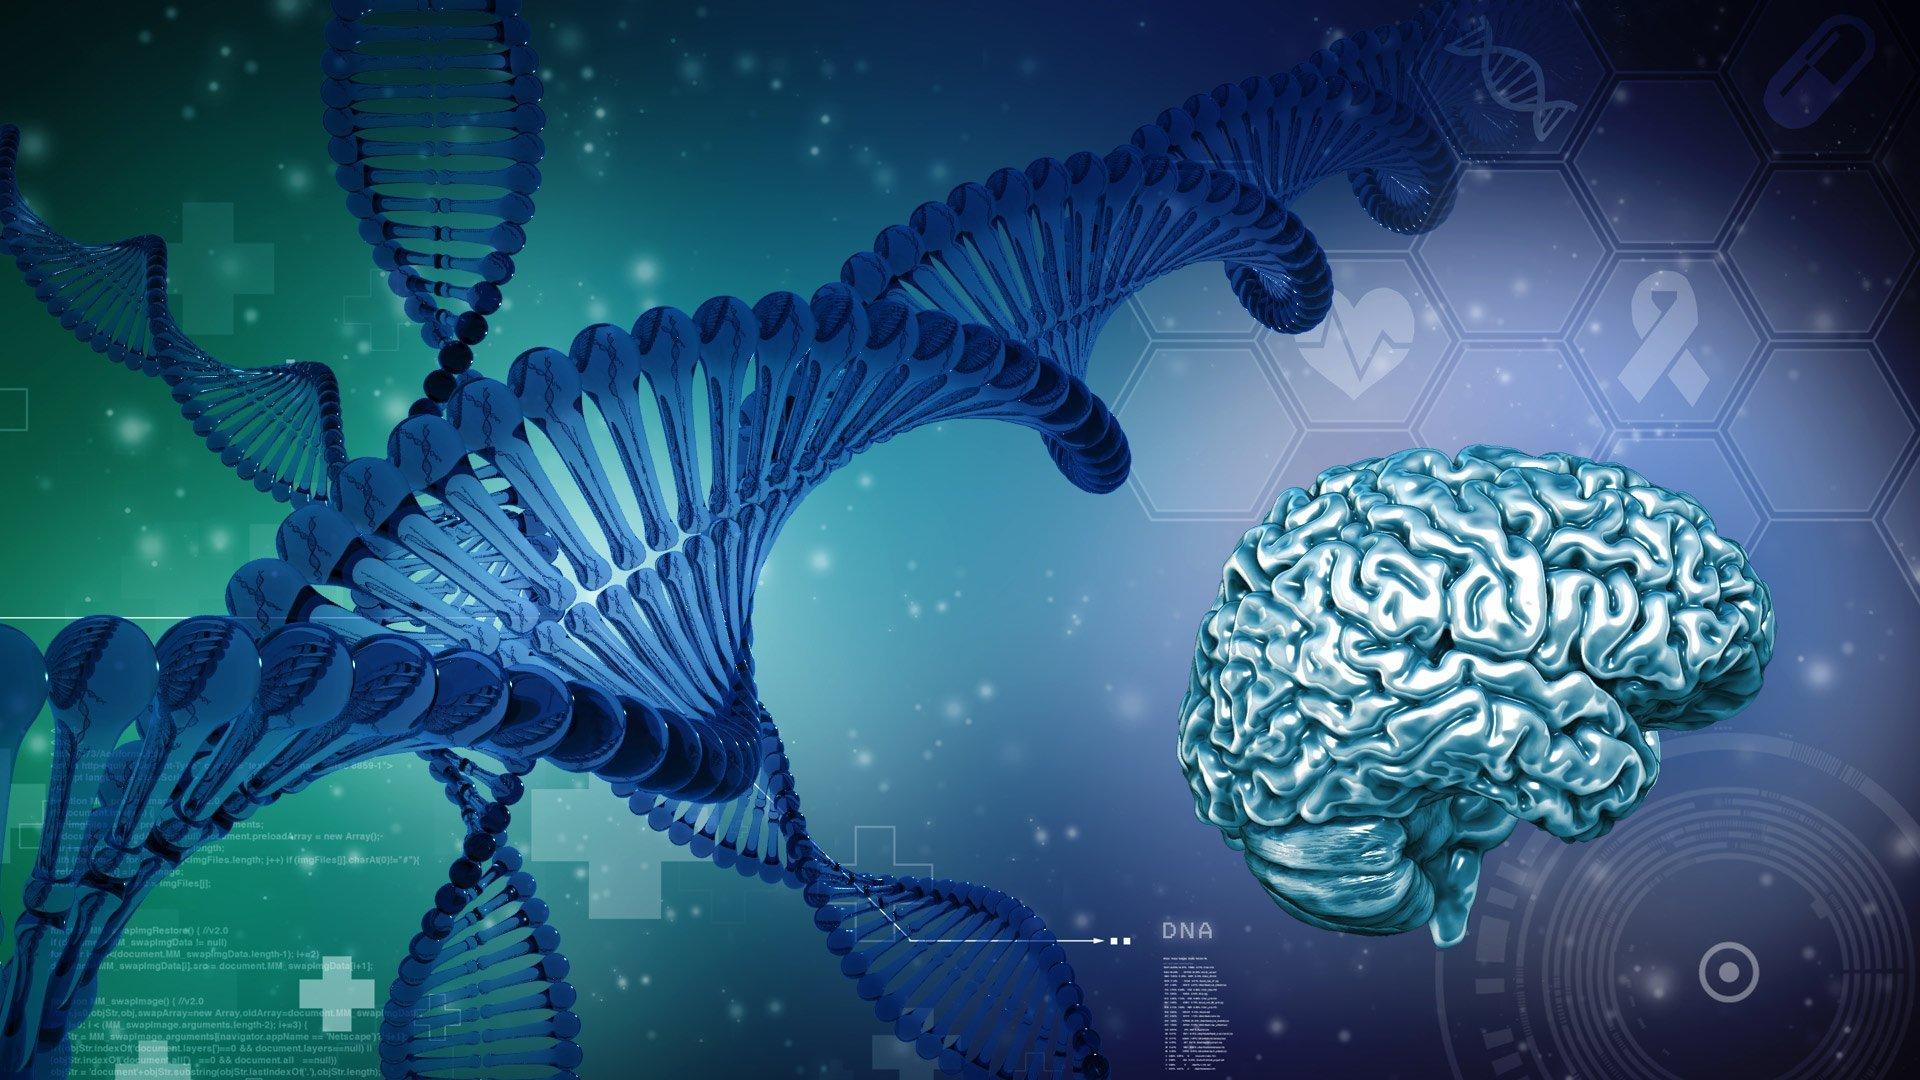 paul-dumbauld-bio-medical-illustration-and-animation